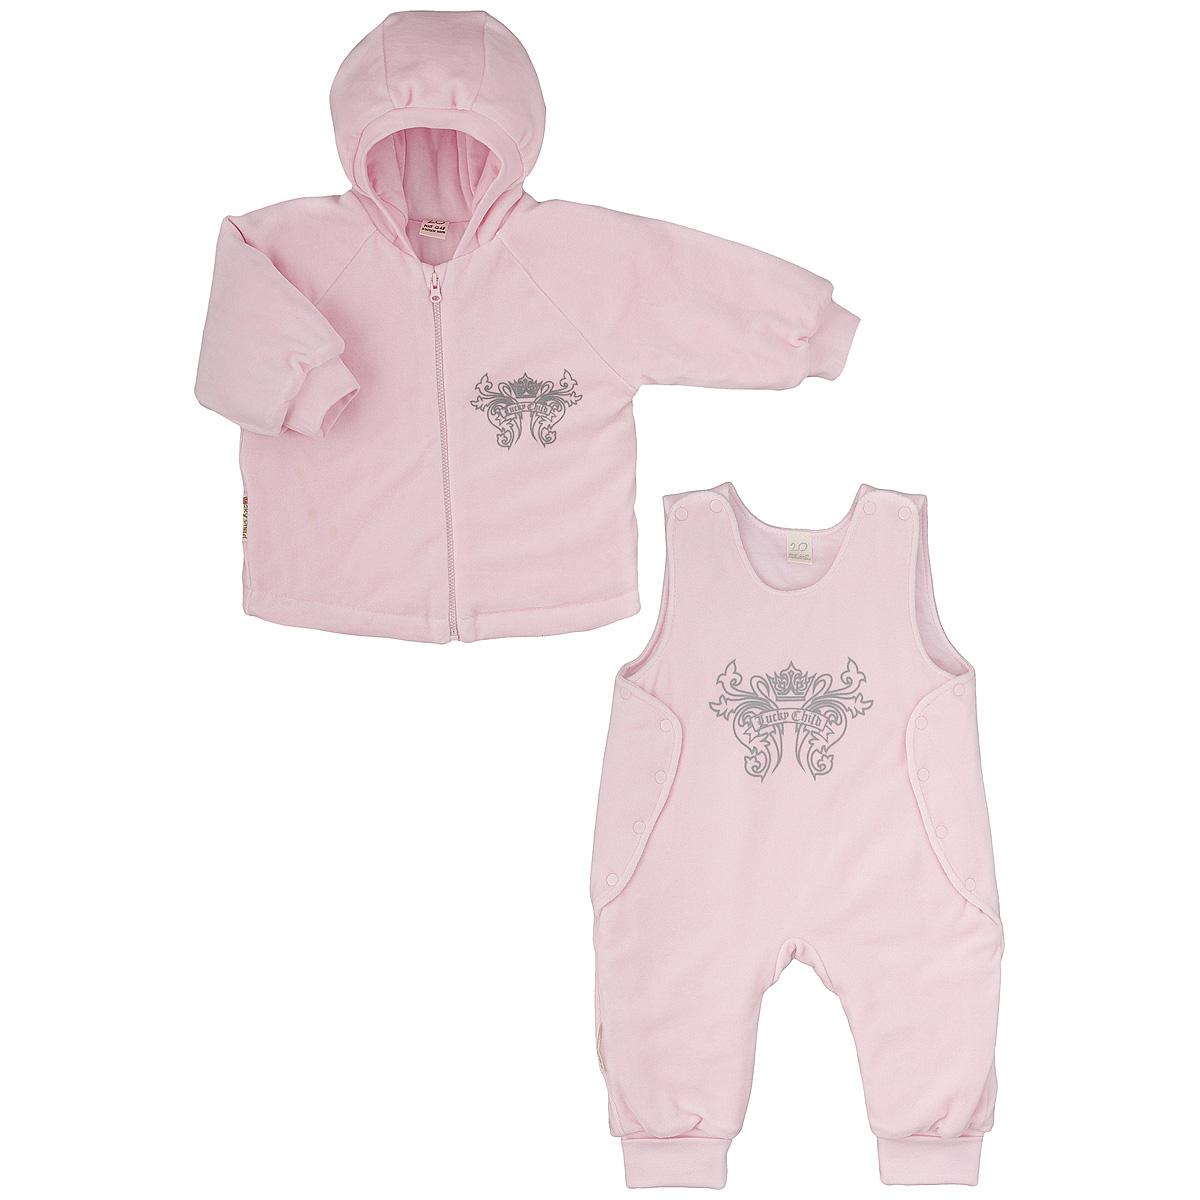 Комплект детский Lucky Child: куртка, полукомбинезон, цвет: розовый. 5-5. Размер 68/745-5Утепленный детский комплект Lucky Child идеально подойдет для ребенка в прохладное время года. Комплект состоит из куртки и полукомбинезона, изготовленных из велюра с утеплителем из синтепона, а для максимального комфорта на подкладке используется натуральный хлопок, который не раздражает нежную кожу ребенка и хорошо сохраняет тепло. Комплект необычайно мягкий и приятный на ощупь, не сковывает движения малыша и позволяет коже дышать, обеспечивая ему наибольший комфорт. Куртка с капюшоном и длинными рукавами-реглан застегивается на пластиковую застежку-молнию. Рукава дополнены широкими трикотажными манжетами, не стягивающими запястья. На груди она оформлена оригинальным принтом в виде логотипа бренда. Полукомбинезон застегивается сверху на кнопки, а по бокам дополнен специальными клапанами на кнопках, которые позволяют без труда переодеть малыша. Снизу брючин предусмотрены широкие трикотажные манжеты. На груди он декорирован таким же рисунком, как на куртке. Комфортный, удобный и практичный этот комплект идеально подойдет для прогулок и игр на свежем воздухе!